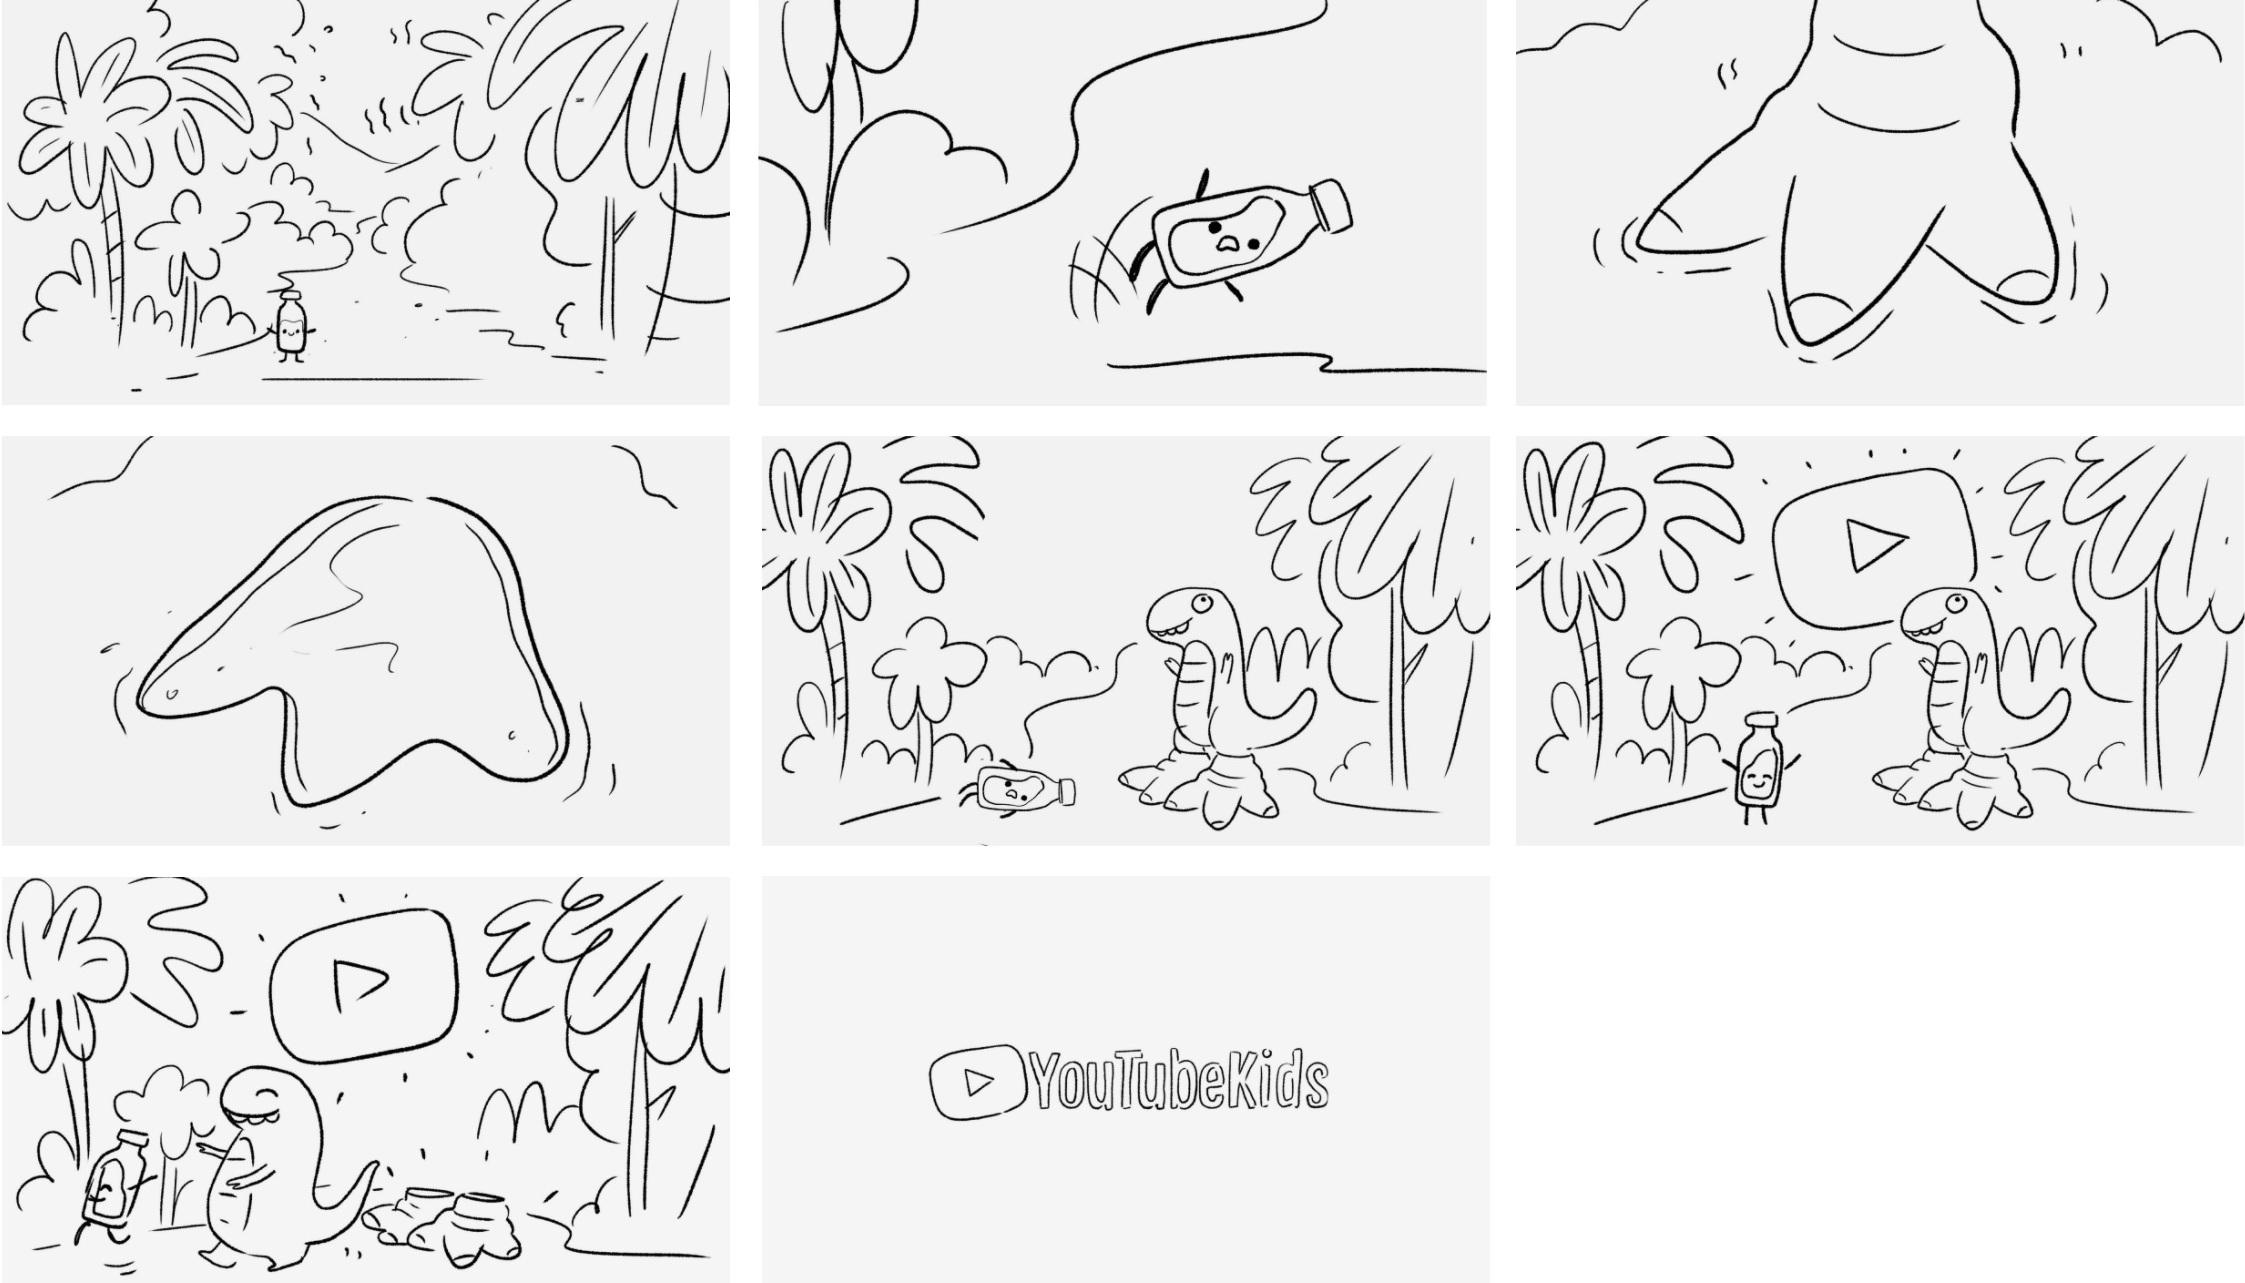 storyboards%2B02.jpg